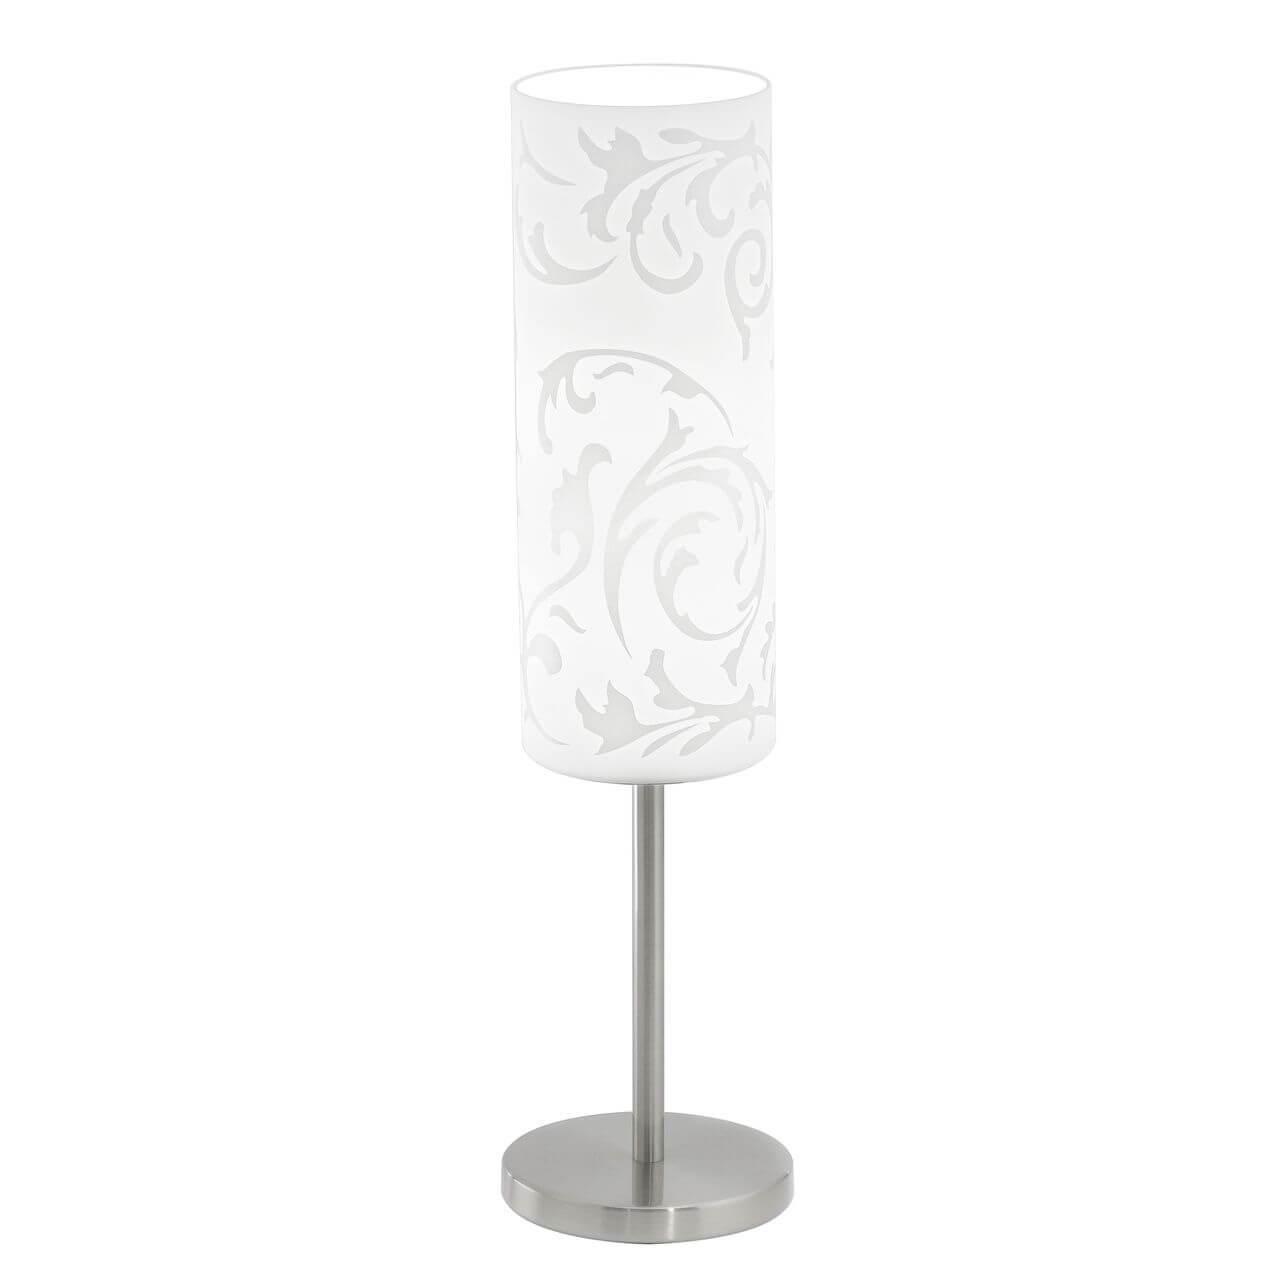 Настольный светильник Eglo 90051, E27, 60 Вт eglo настольная лампа eglo amadora 90051